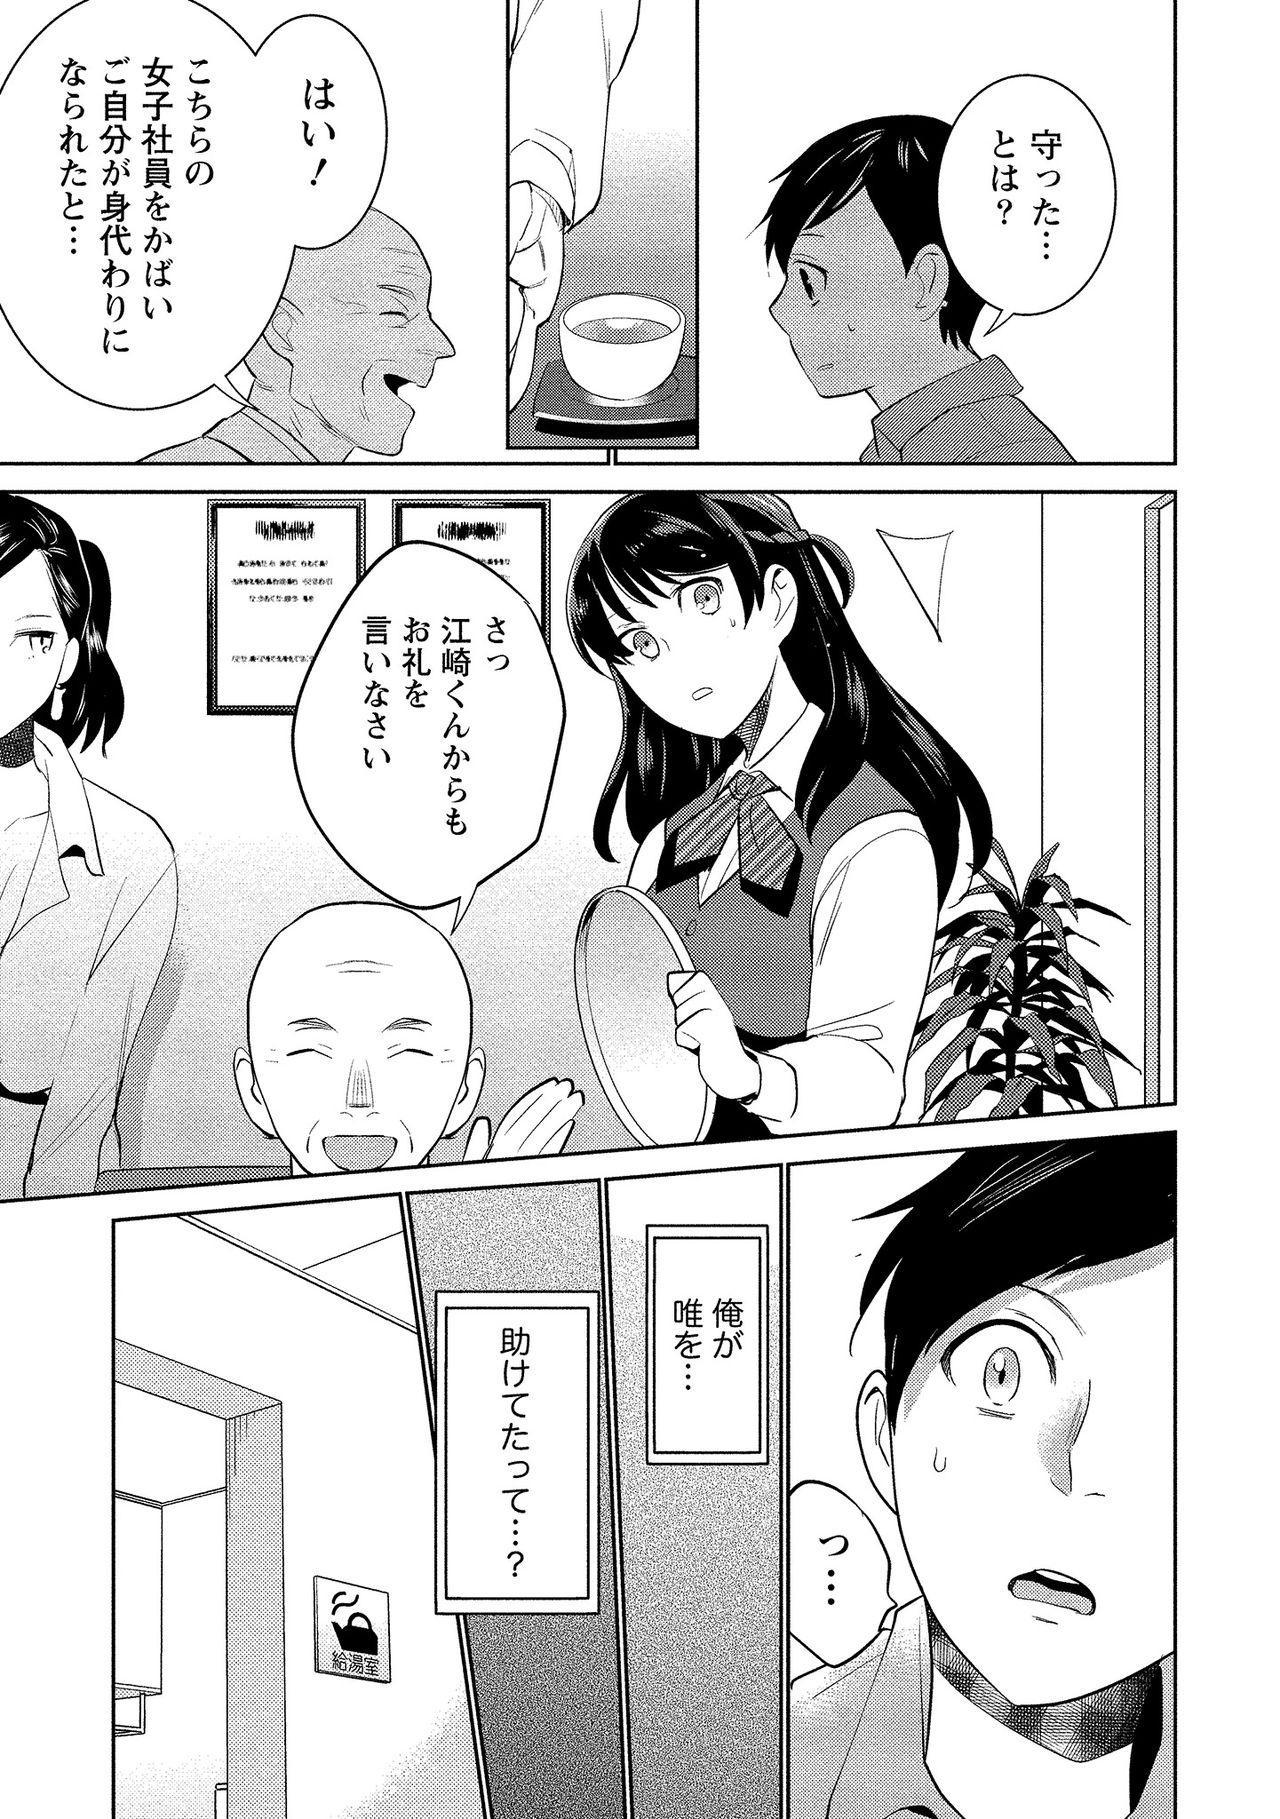 Dorobou Neko wa Kanojo no Hajimari 45